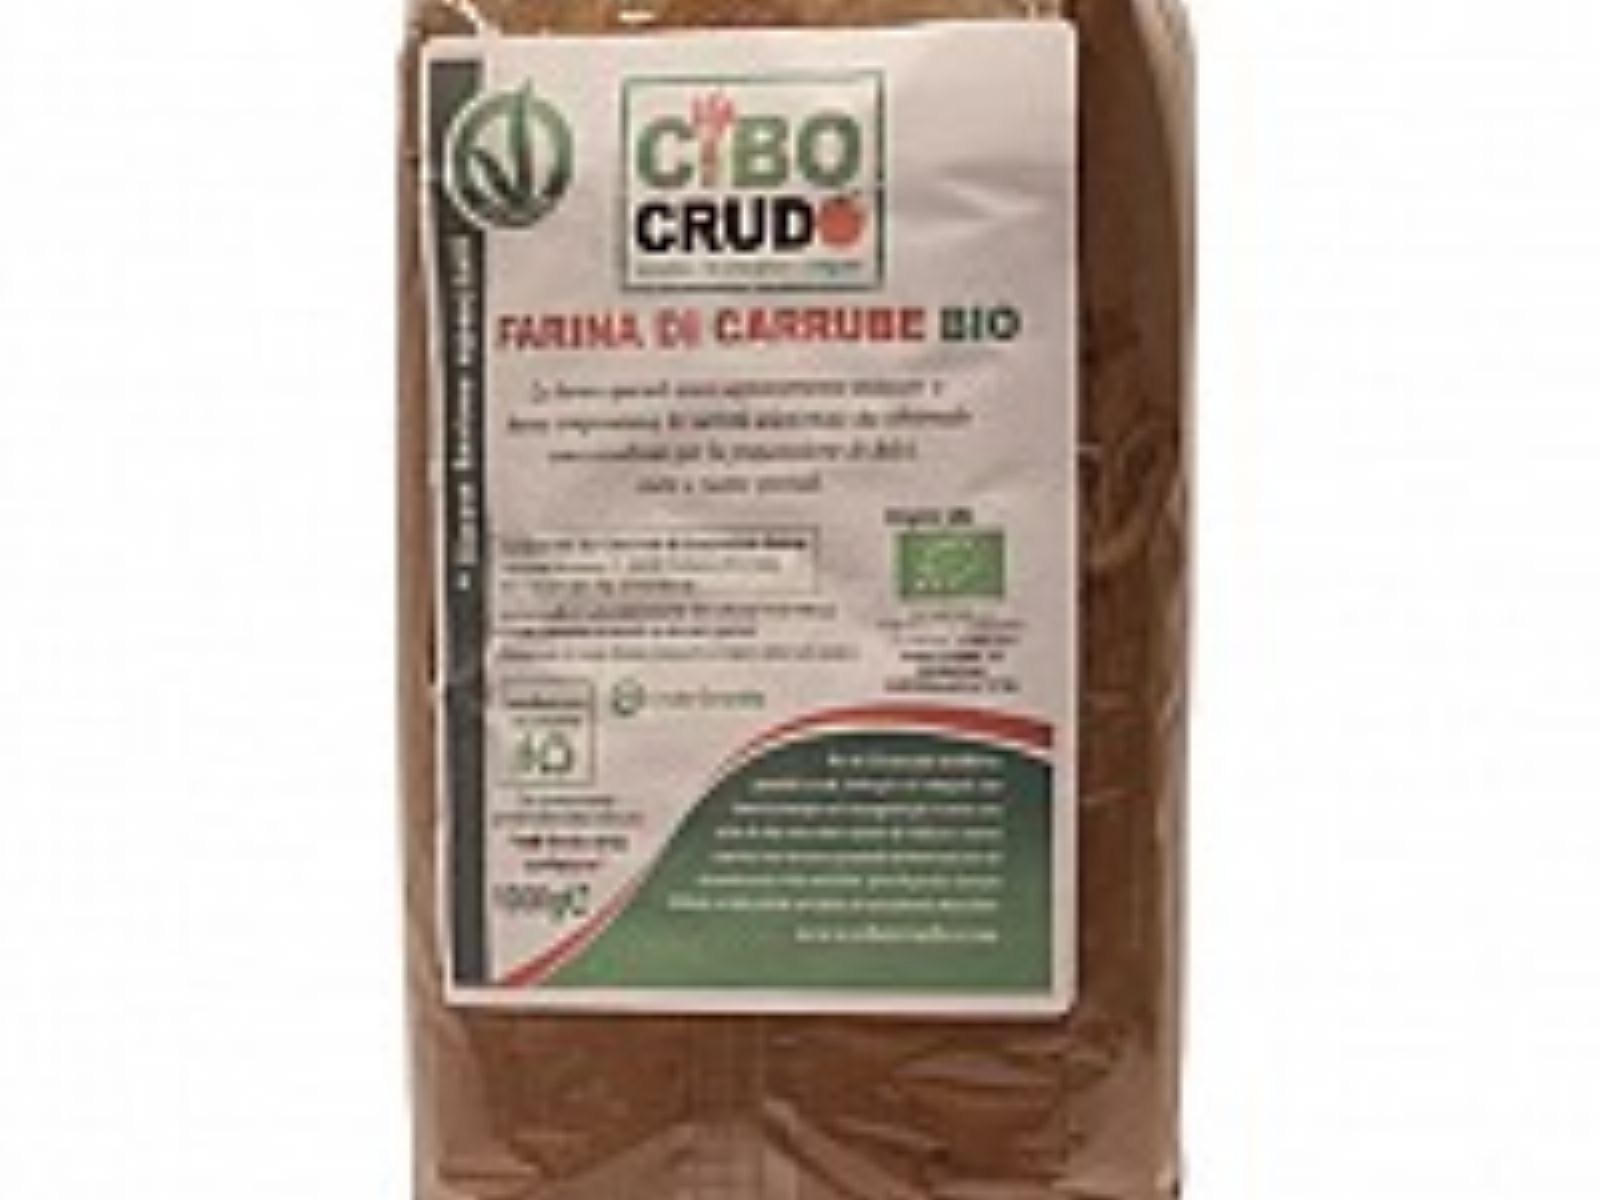 farina o polvere di carrube bio raw organic cibocrudo - Farina Arredo Bagno